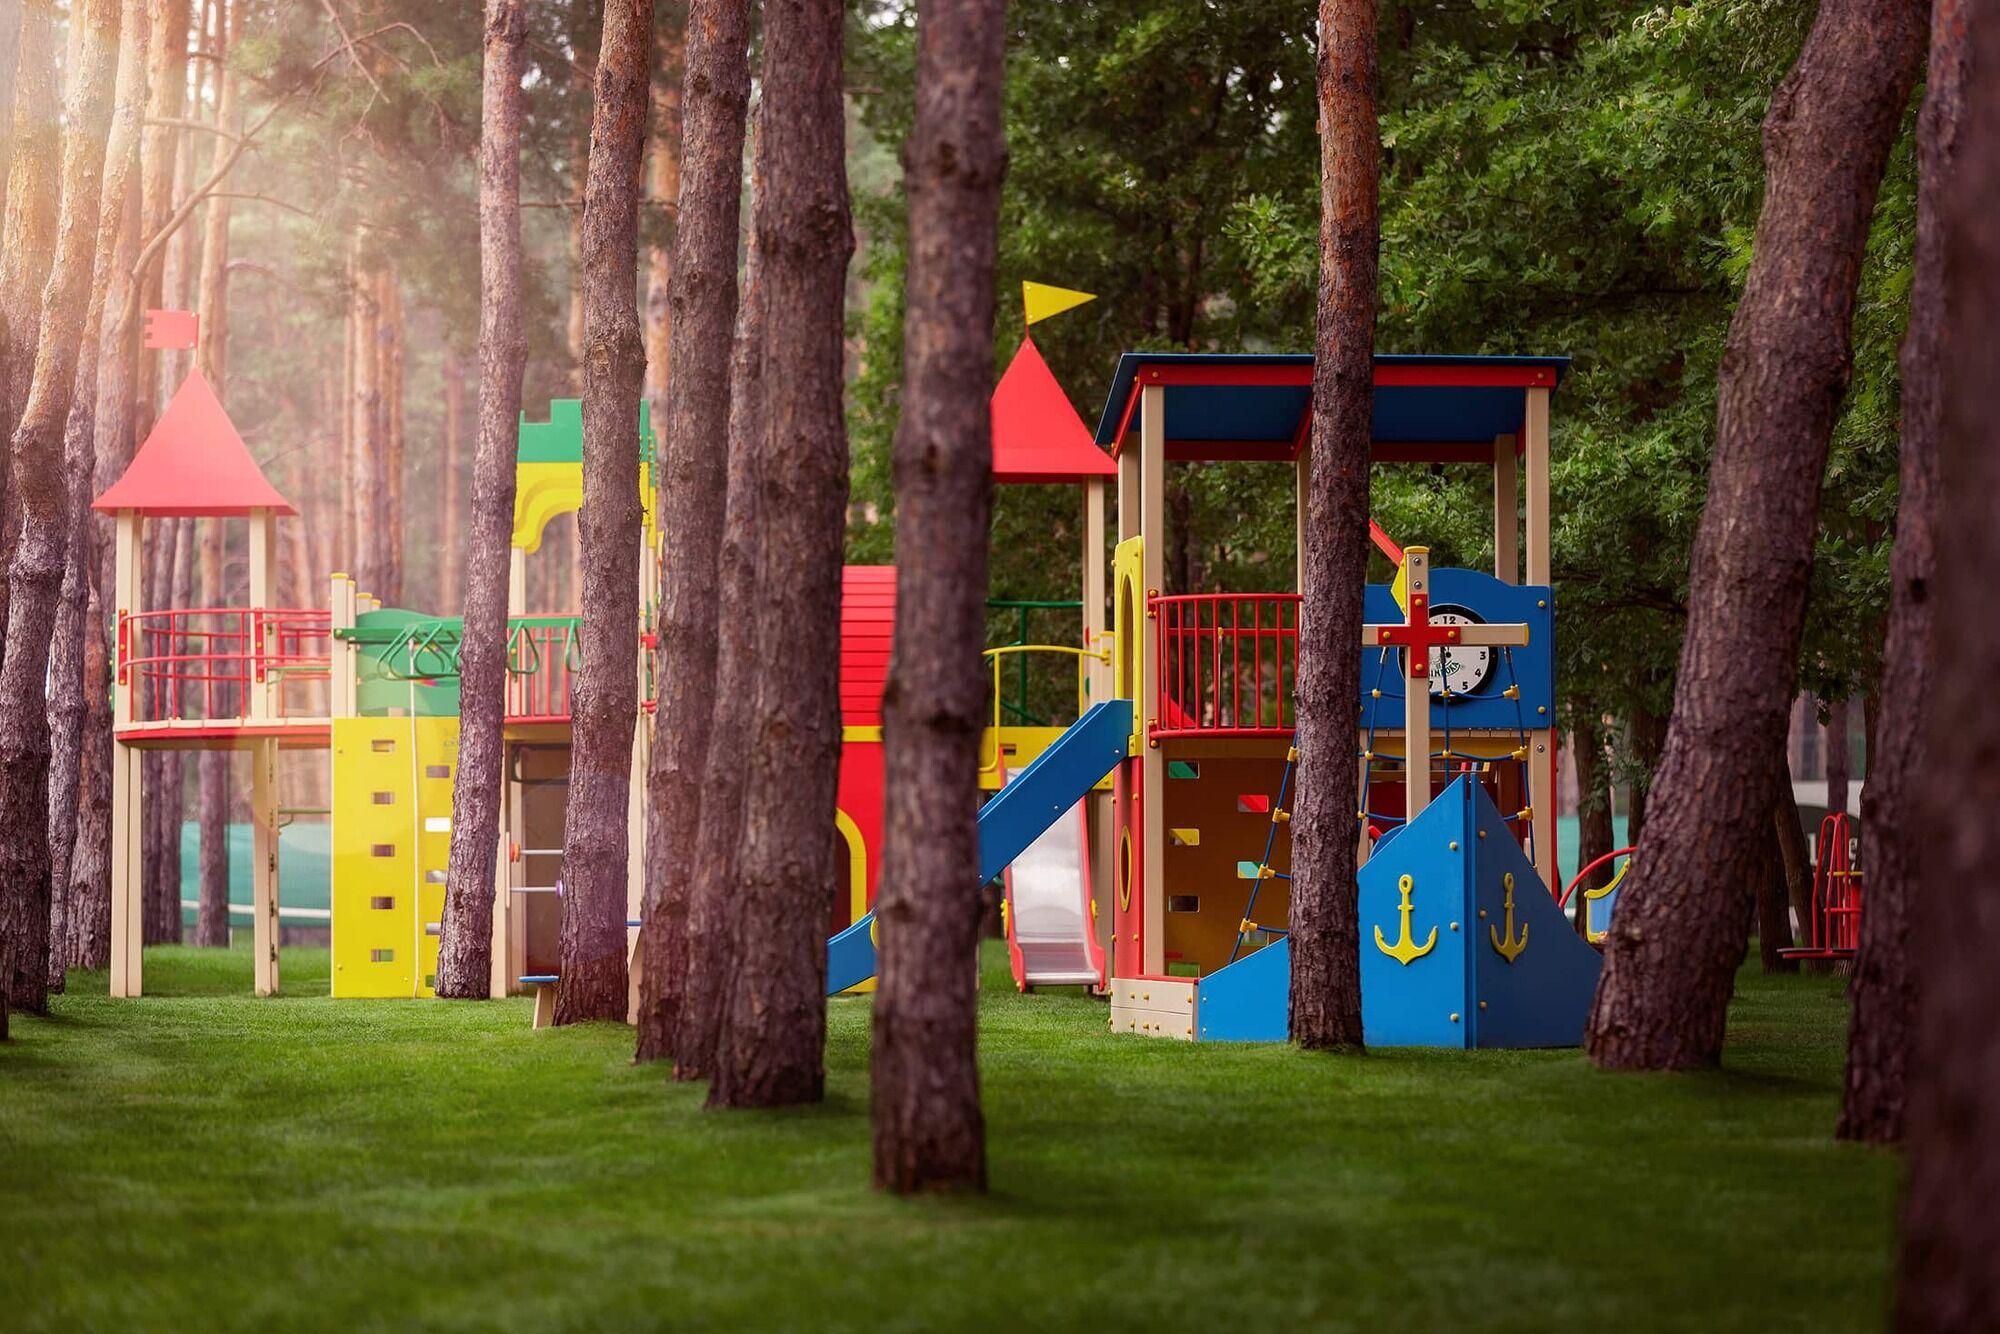 На території котеджного містечка є дитячий сад.